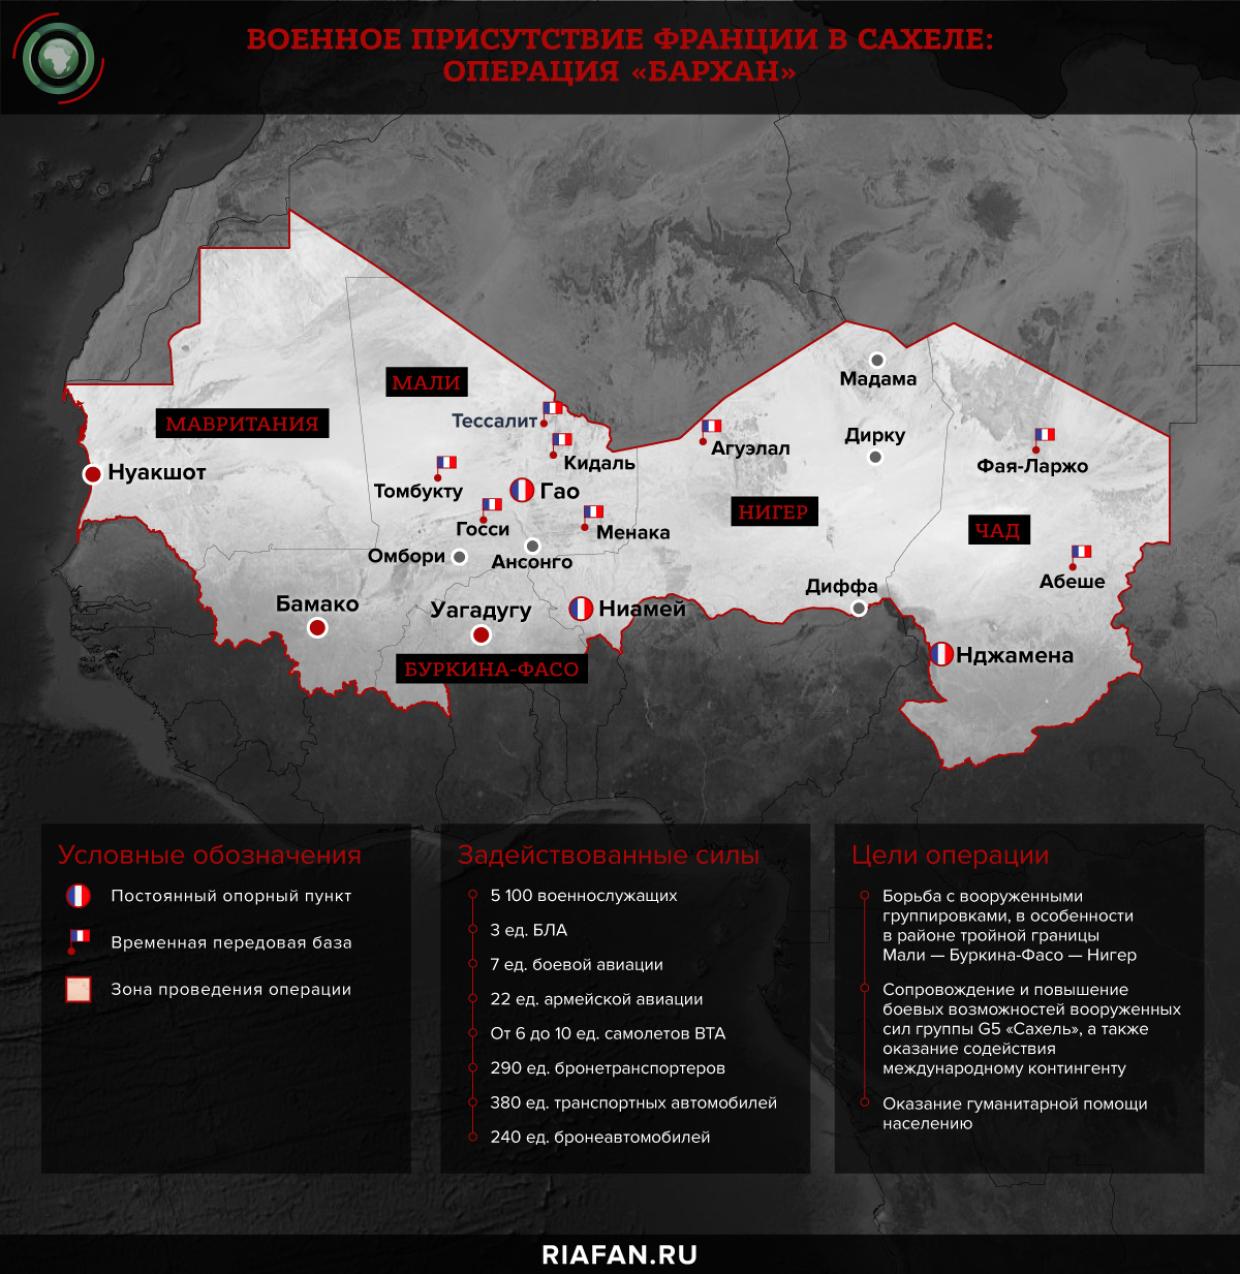 Военное присутствие Франции в Сахеле: операция «Бархан»